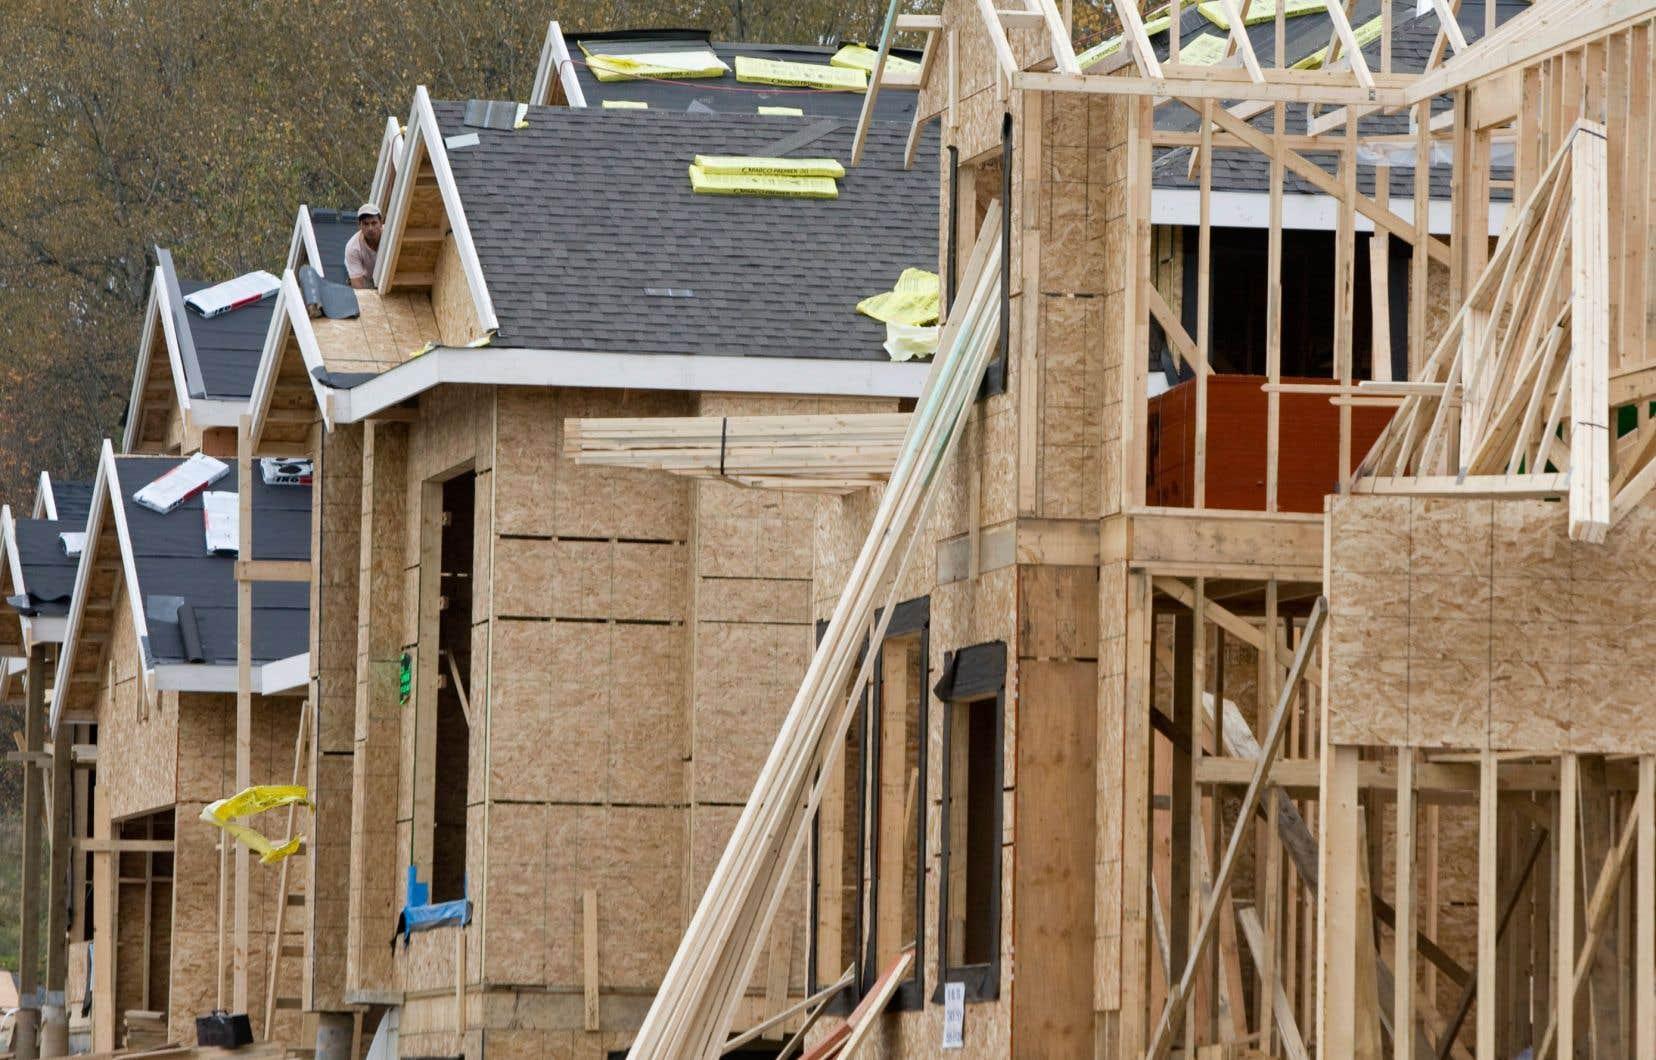 En mars 2021 c'est 4395 nouveaux chantiers qui ont été entamés dans la province, soit un bond de 55% comparativement à mars 2020.